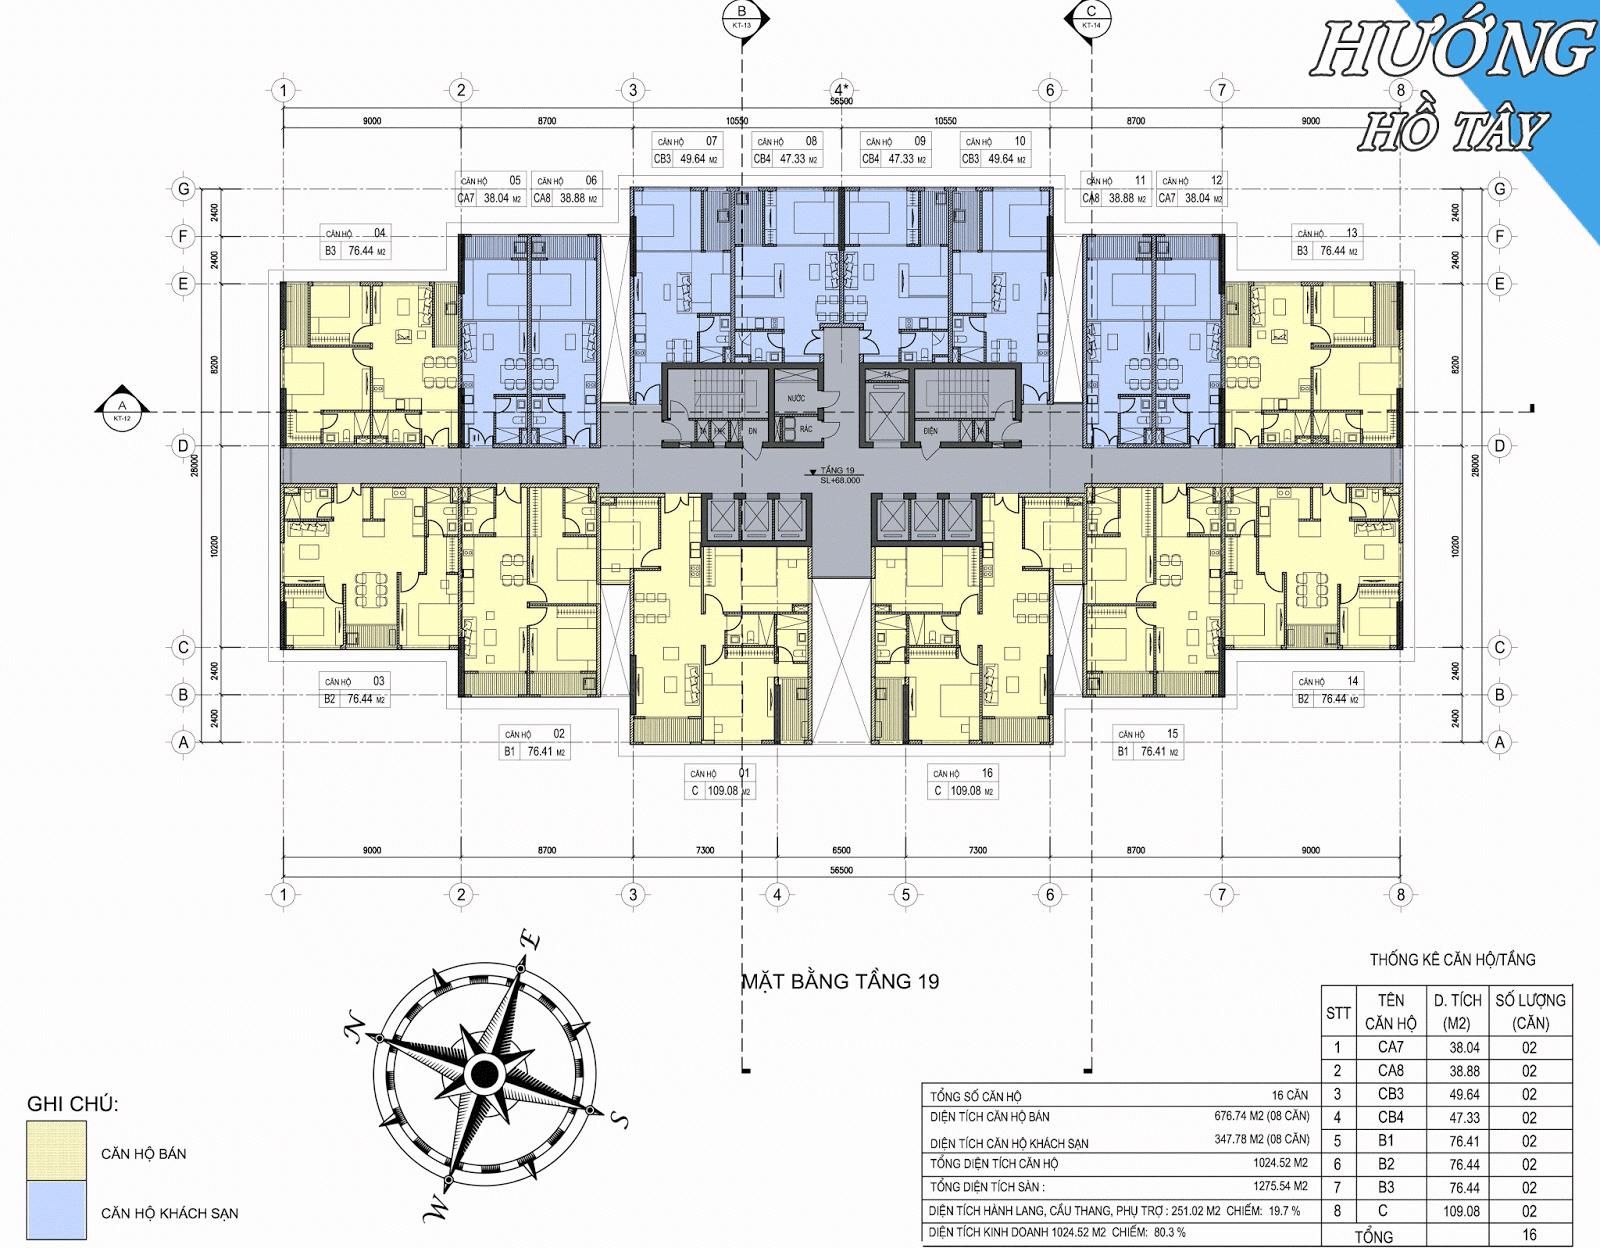 Mặt bằng tầng 19 chung cư D'eldorado Phú Thanh.